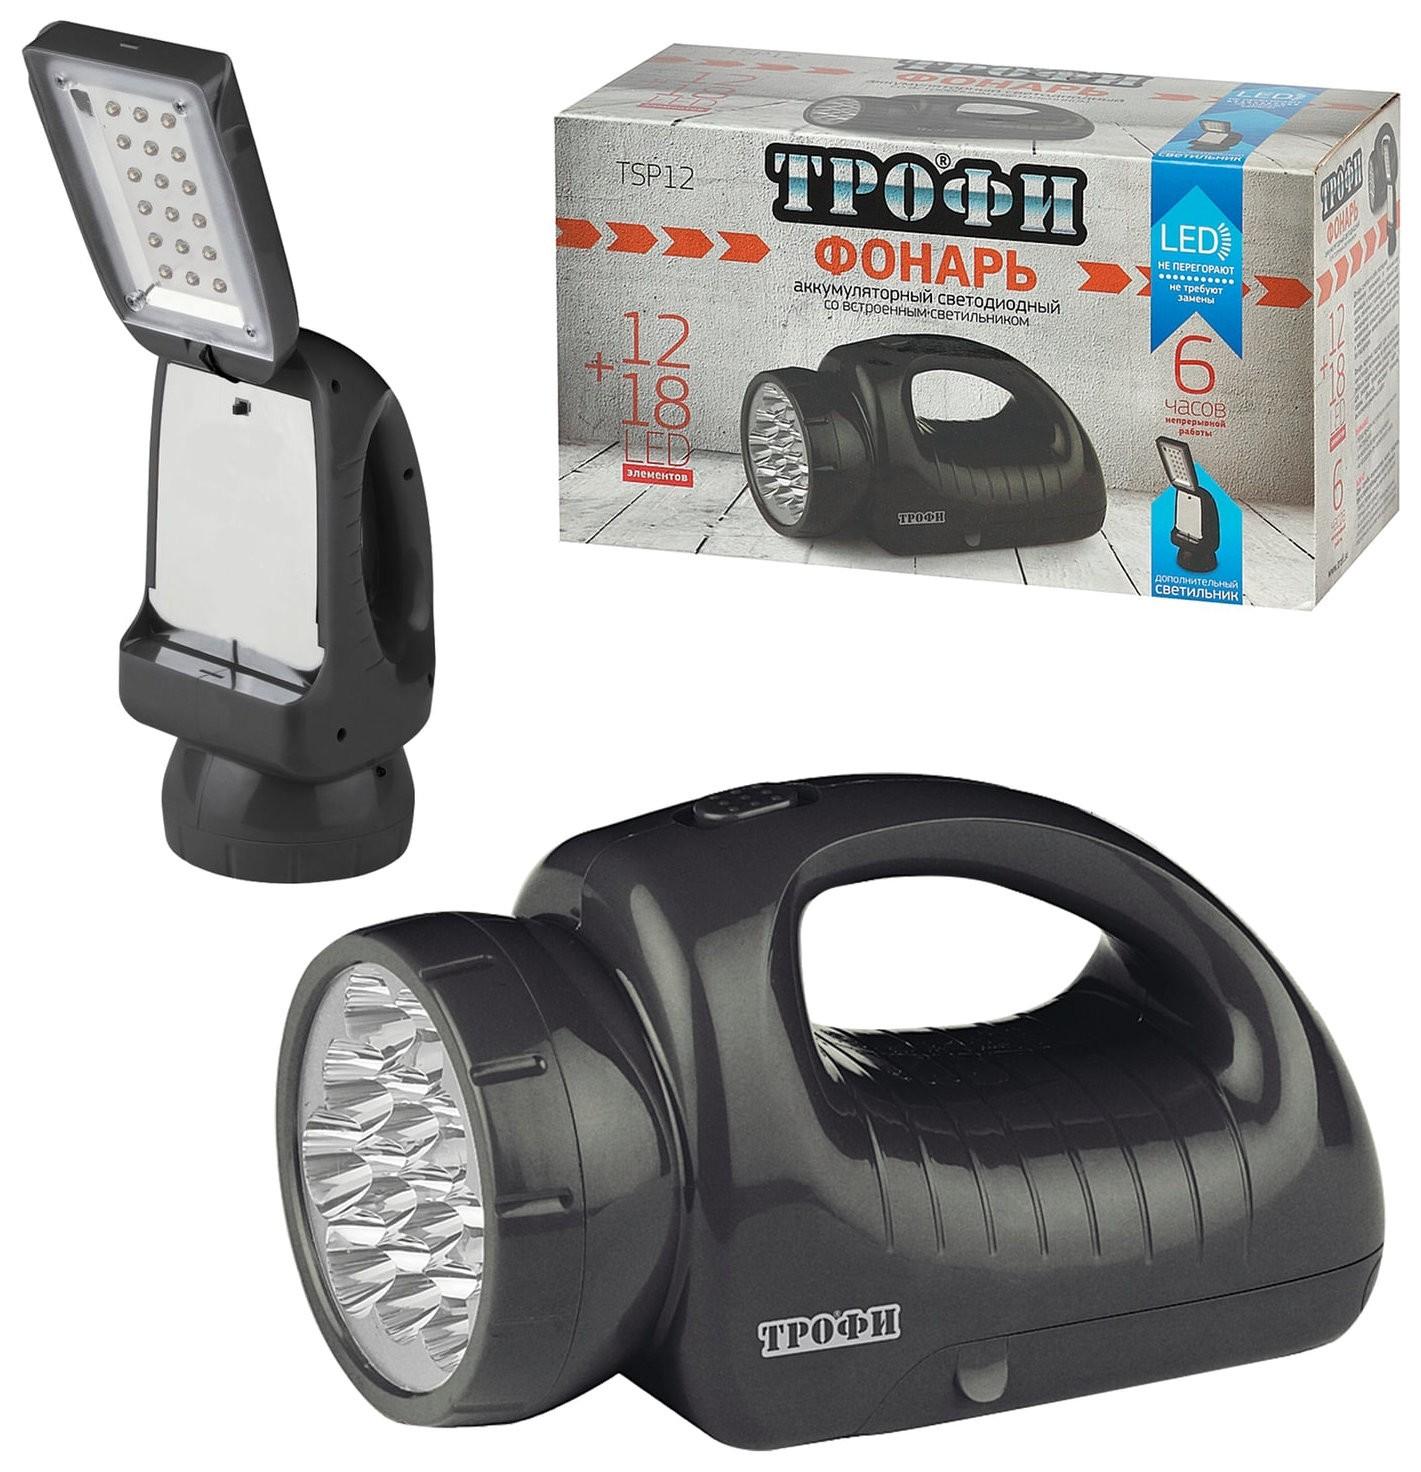 Фонарь-прожектор светодиодный ТРОФИ TSP12, 12 х LED + 18 x LED, 2 режима, аккумуляторный, заряд от 220 V  Трофи